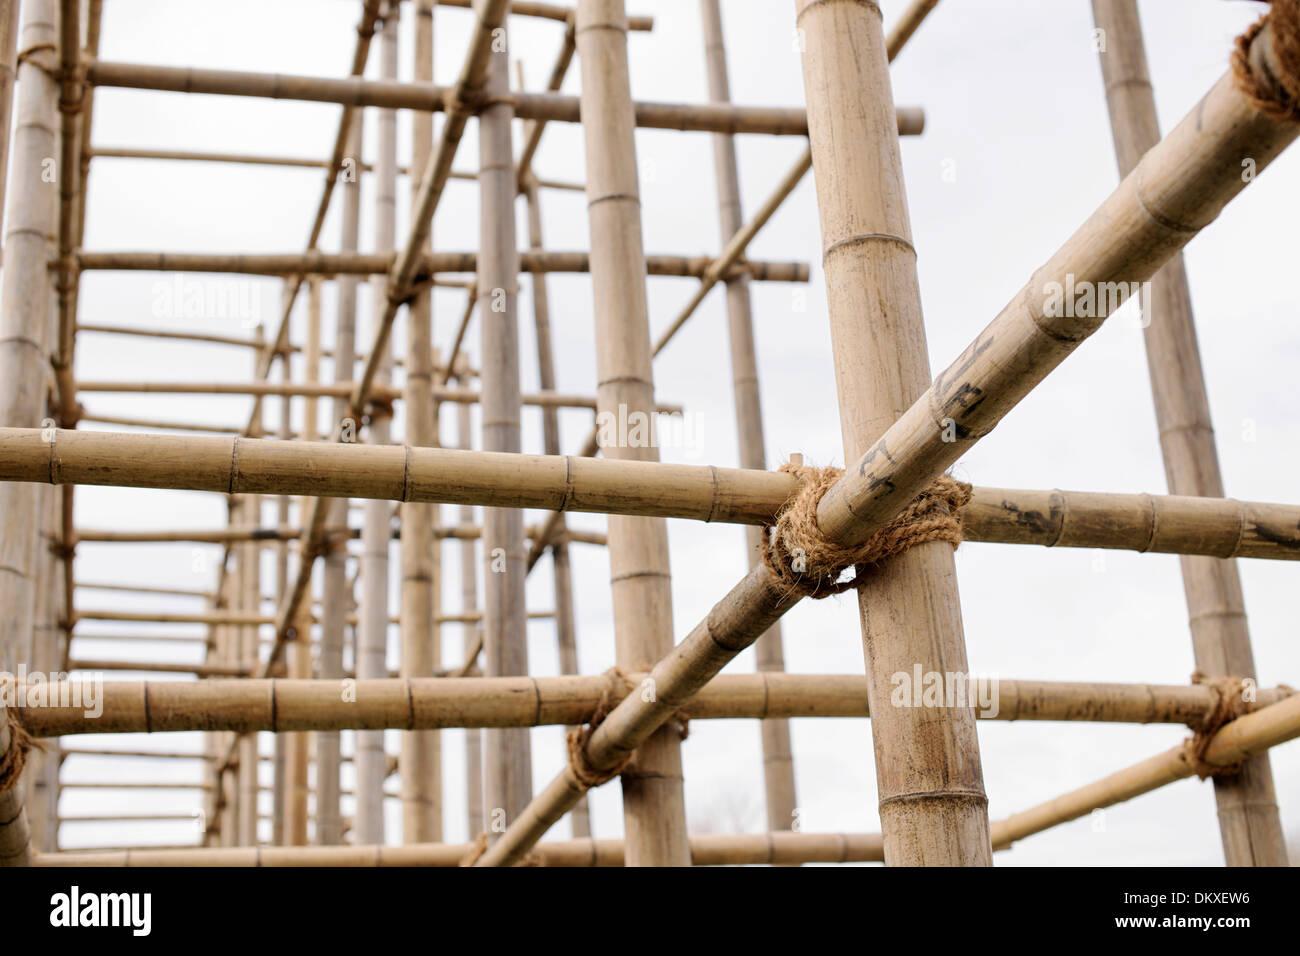 Bambus, Gerüste, IGS Internationale Gartenschau, Wilhelmsburg, Hamburg, Deutschland Stockbild